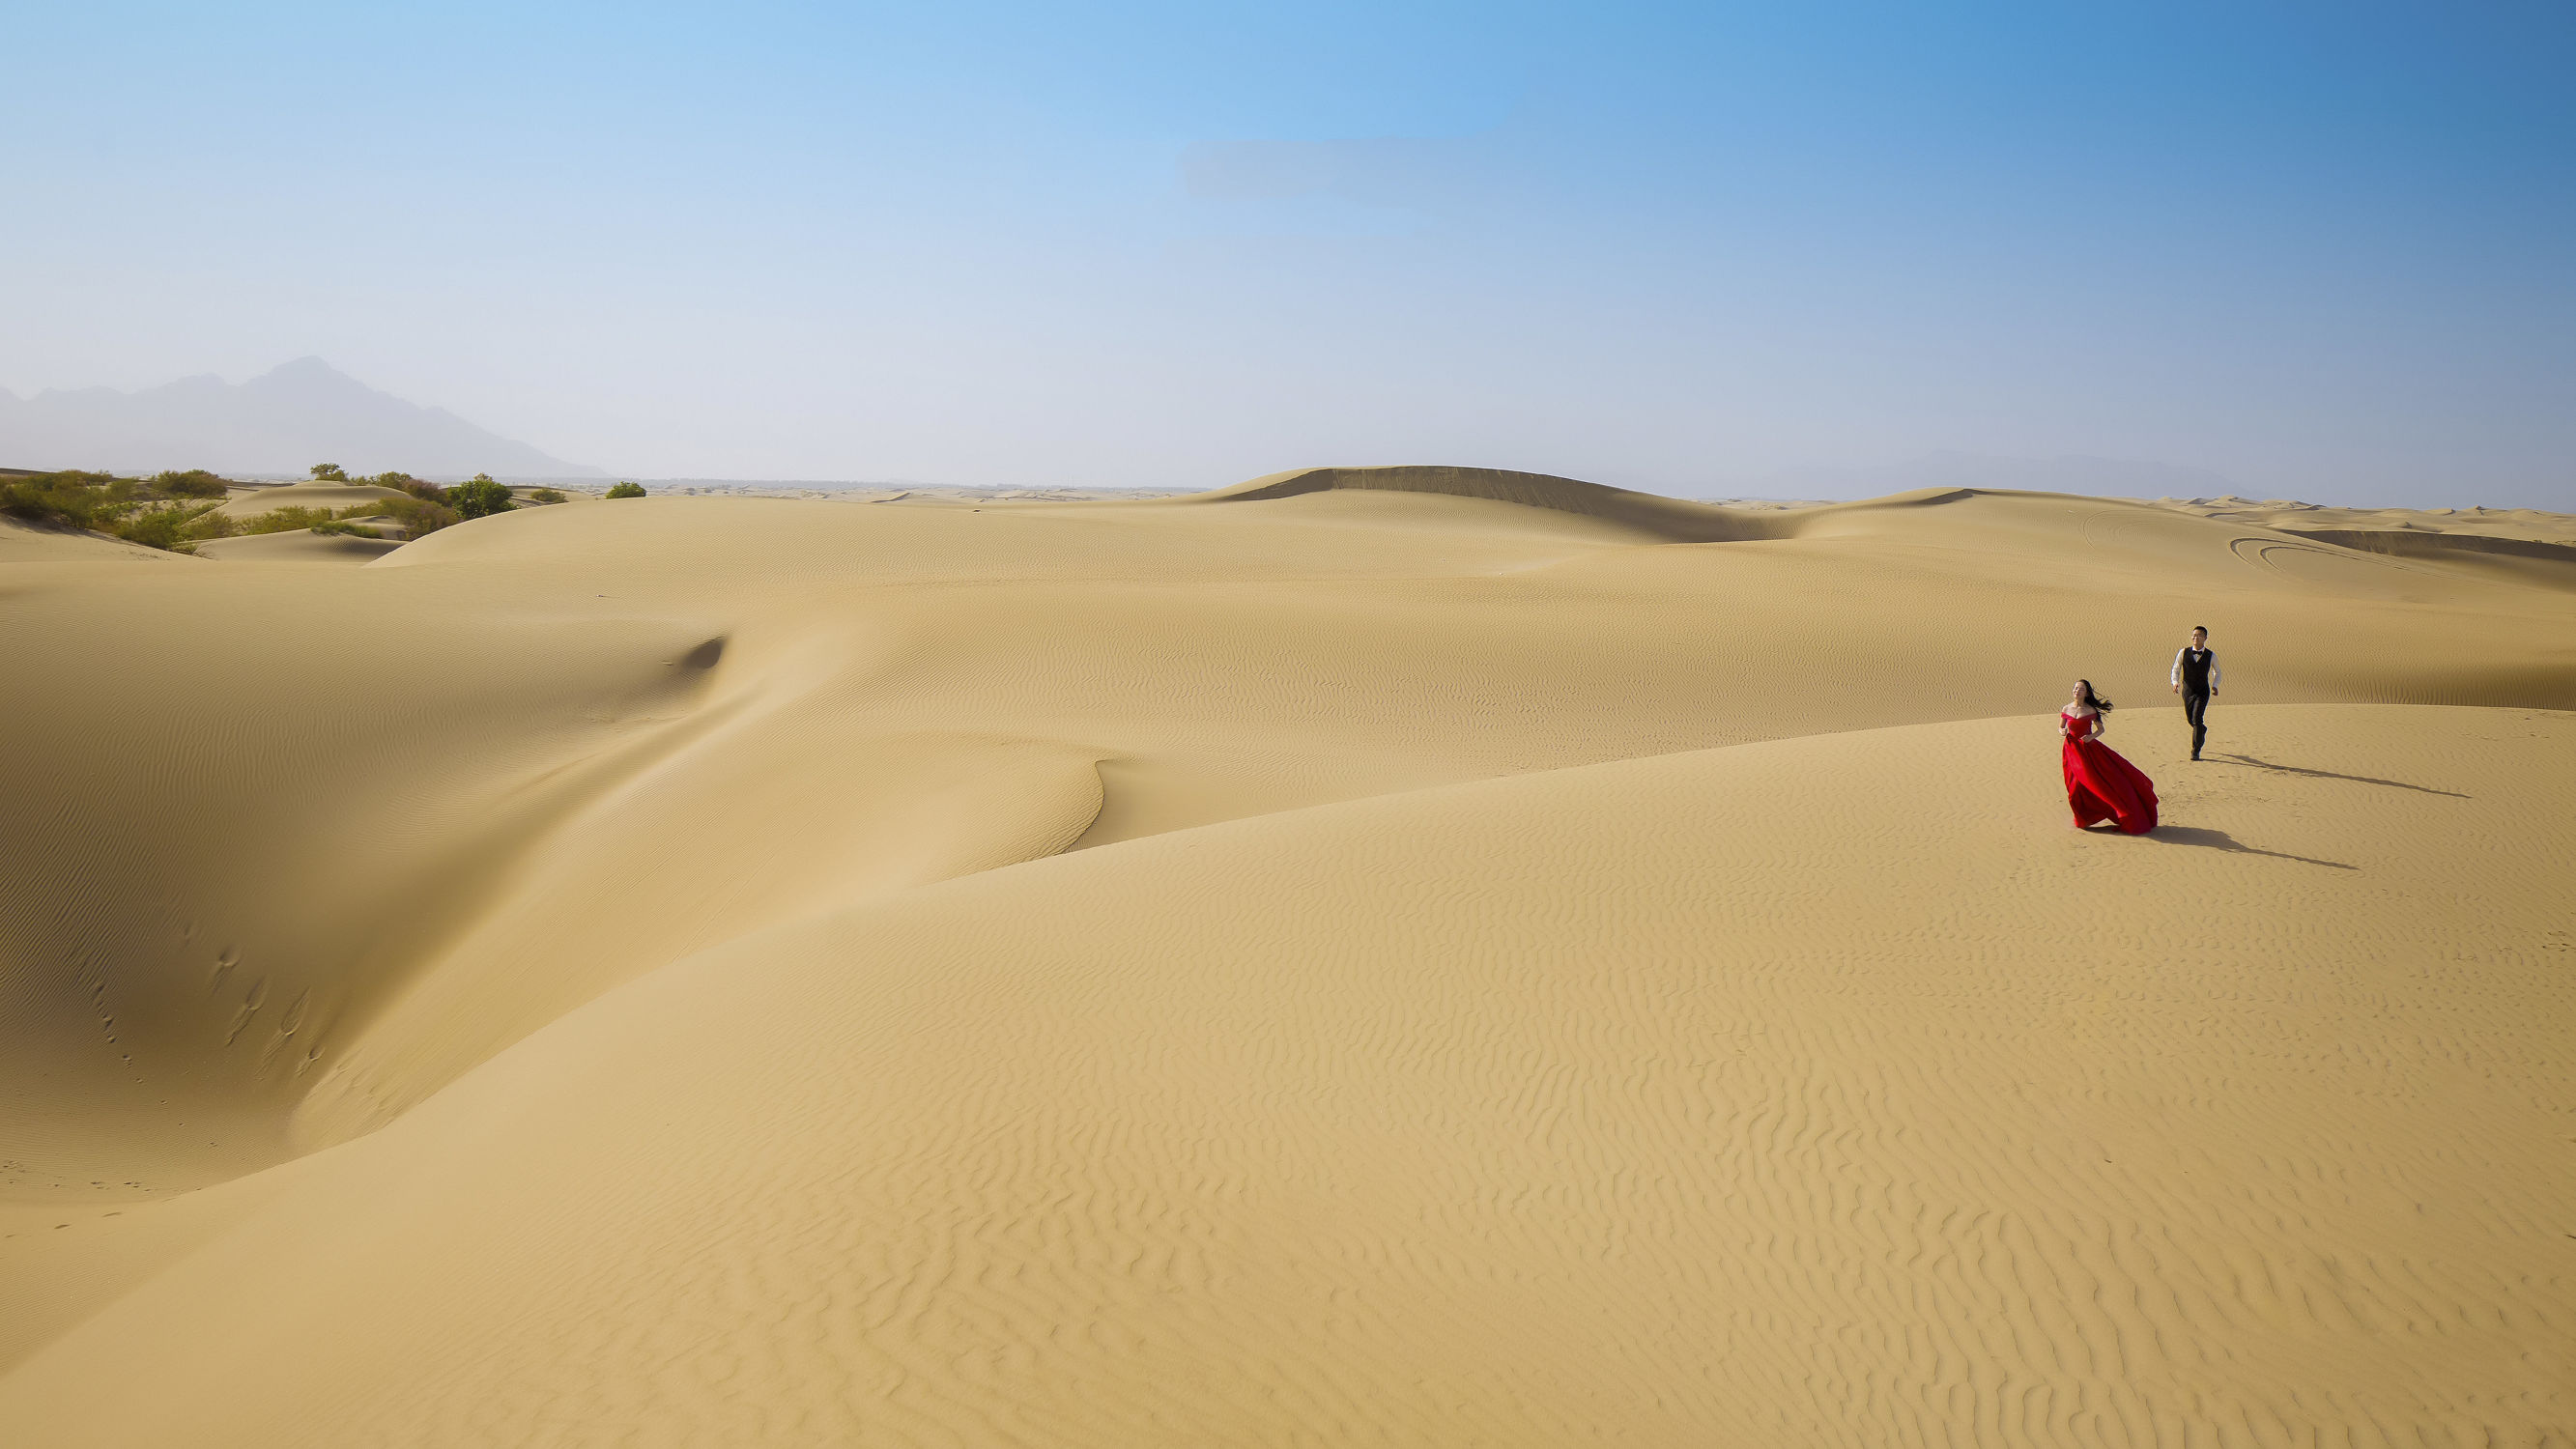 新疆沙漠旅拍千里金草滩一份独特的摄影记忆